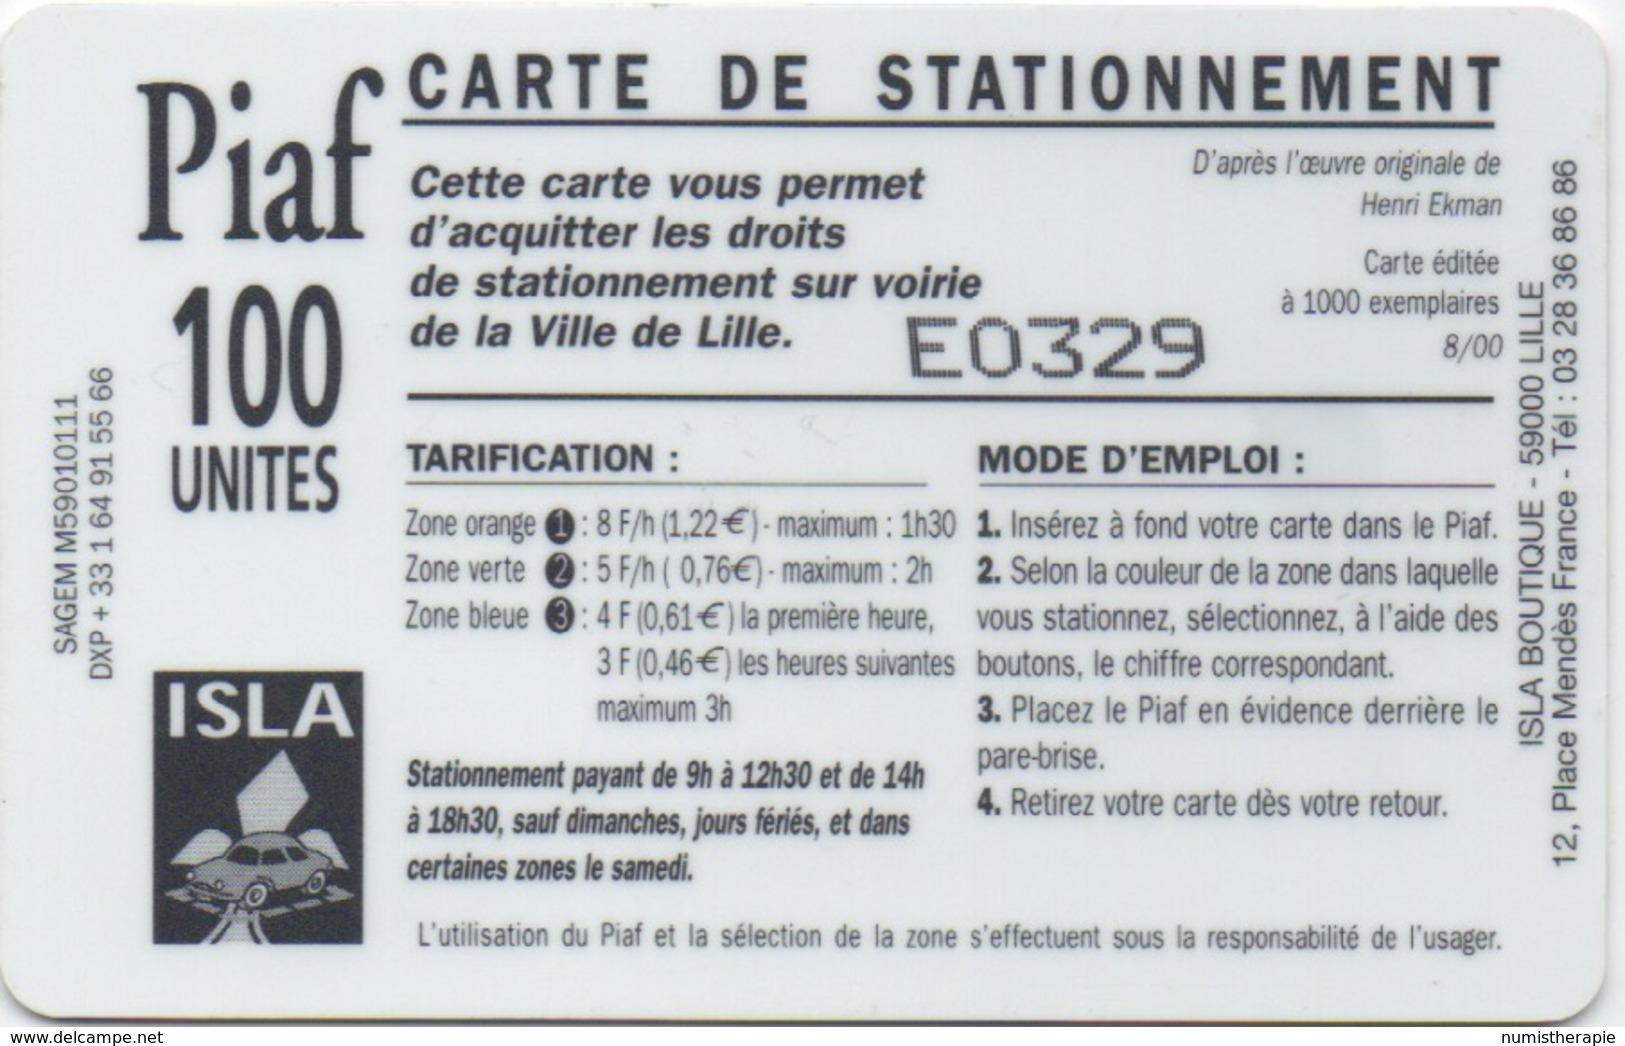 Carte De Stationnement PIAF : Lille 100 Unités : 1000 Exemplaires 08/00 - France